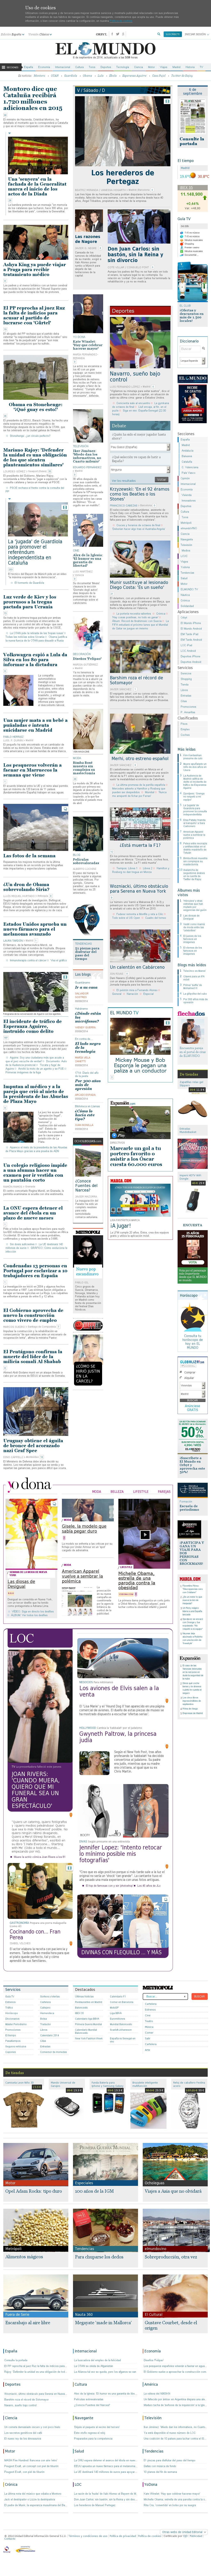 El Mundo at Saturday Sept. 6, 2014, 2:14 a.m. UTC